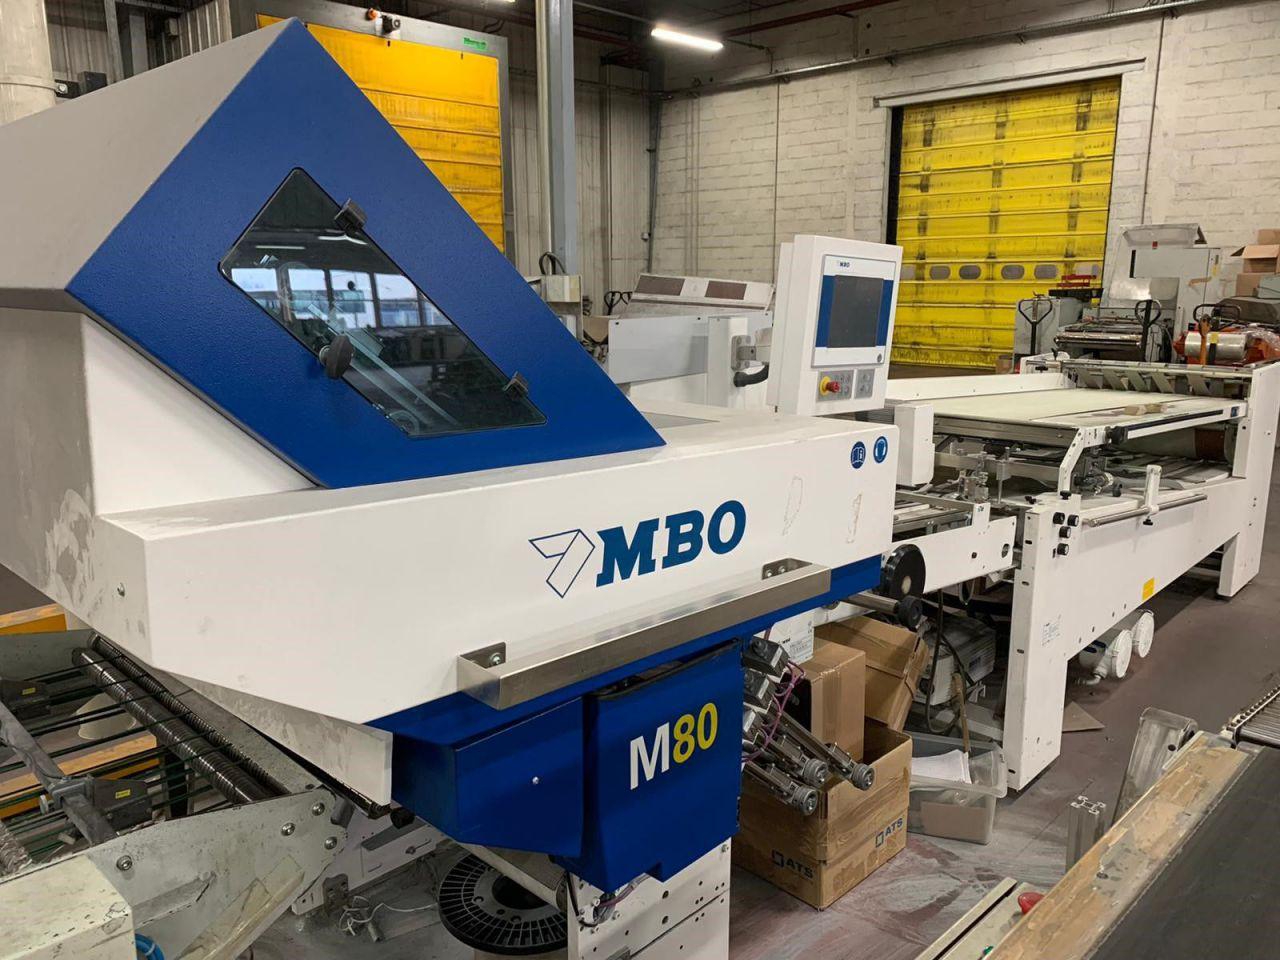 MBO M80, Year : 2016, ref.68942   www.coci-sa.com/en   68942n.jpg